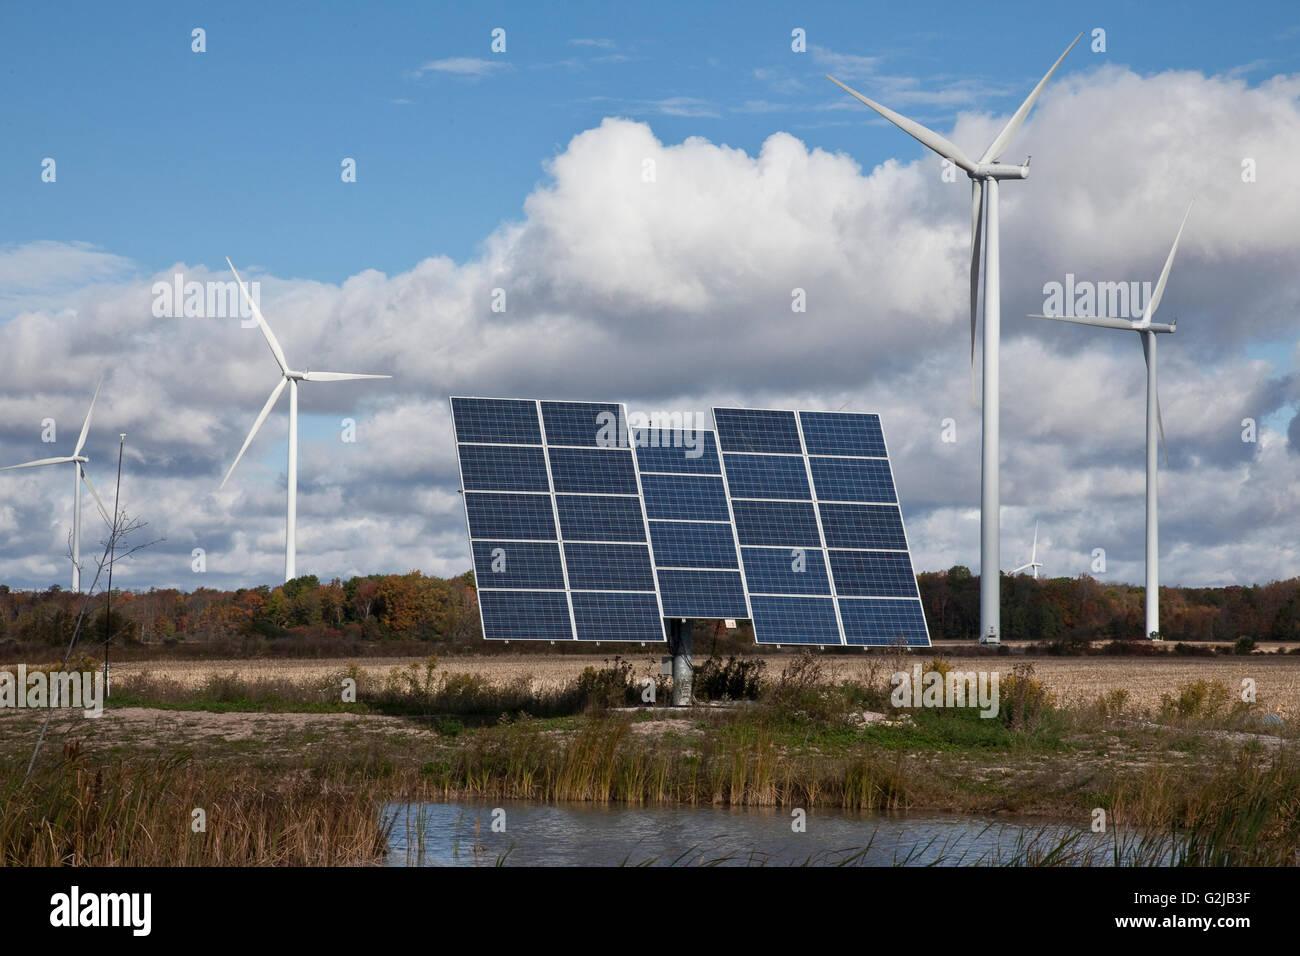 Solar-Panels auf tracking-System und Windmühlen in Ackerland von Südwest-Ontario (in der Nähe von Stockbild